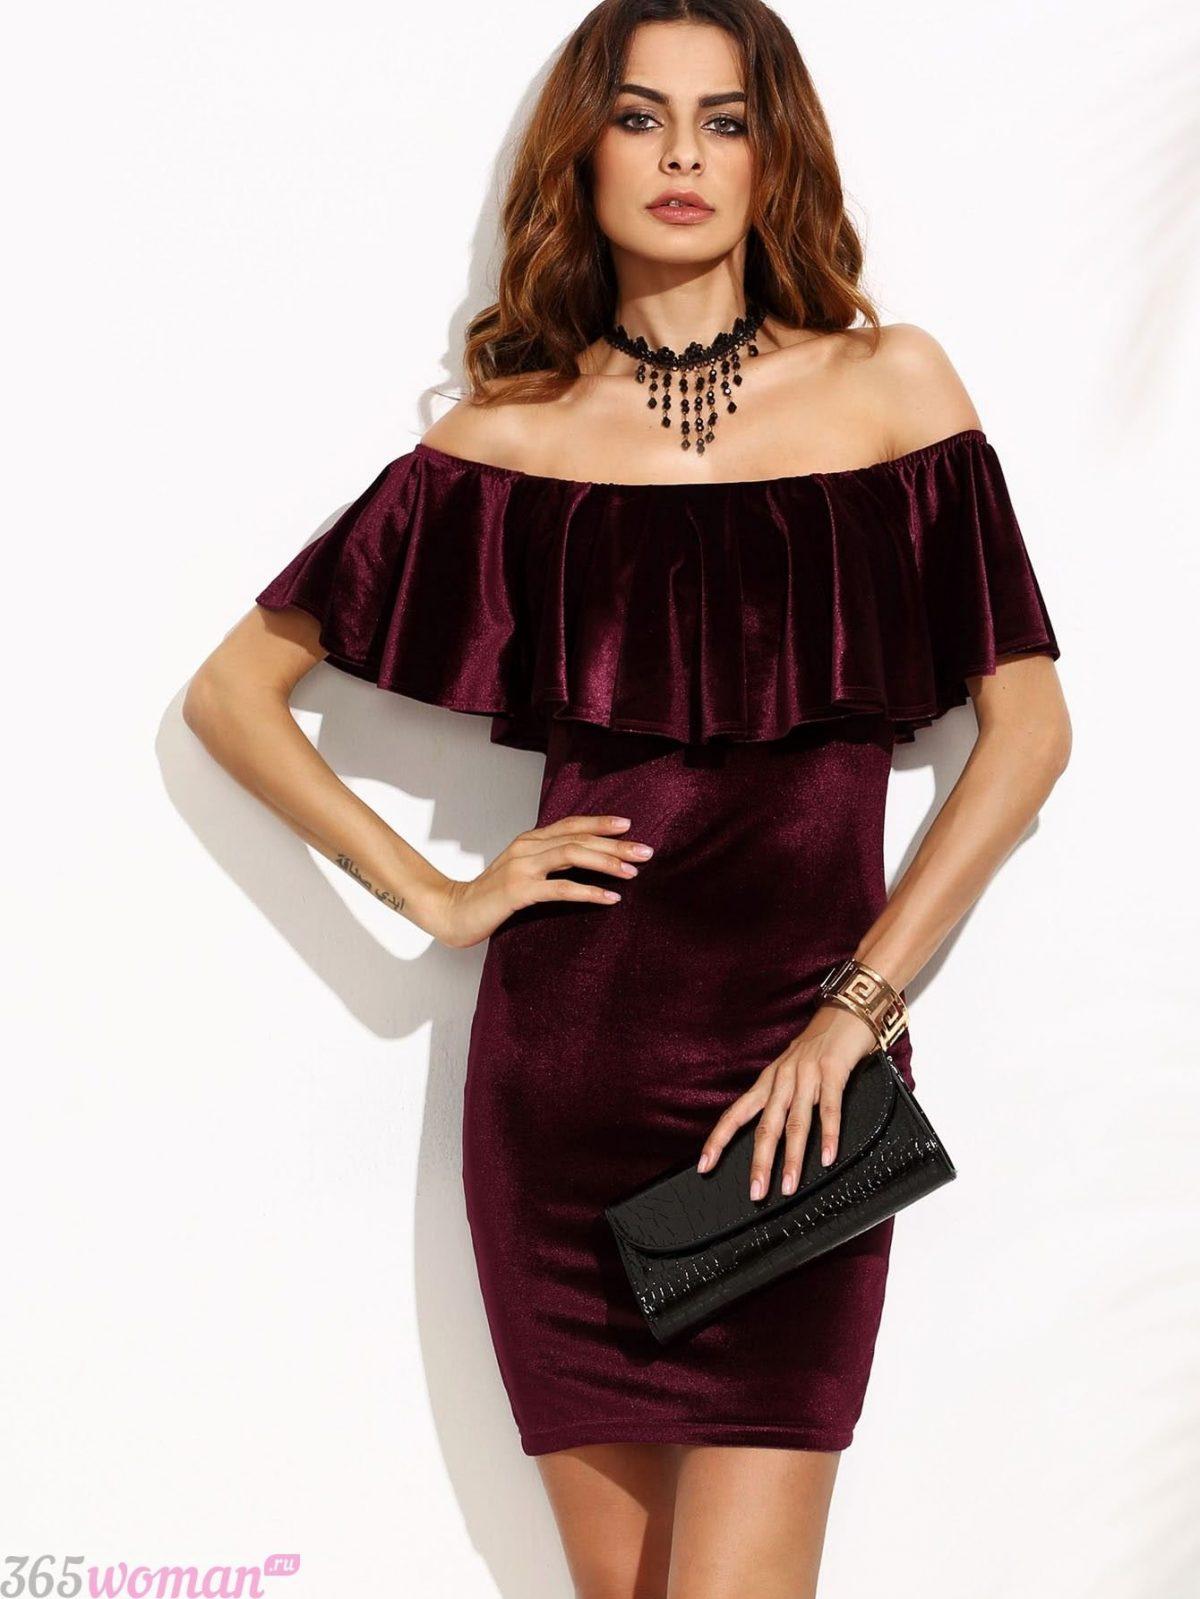 что надеть на день святого валентина 2019: бархатное платье с воланом цвета бордо